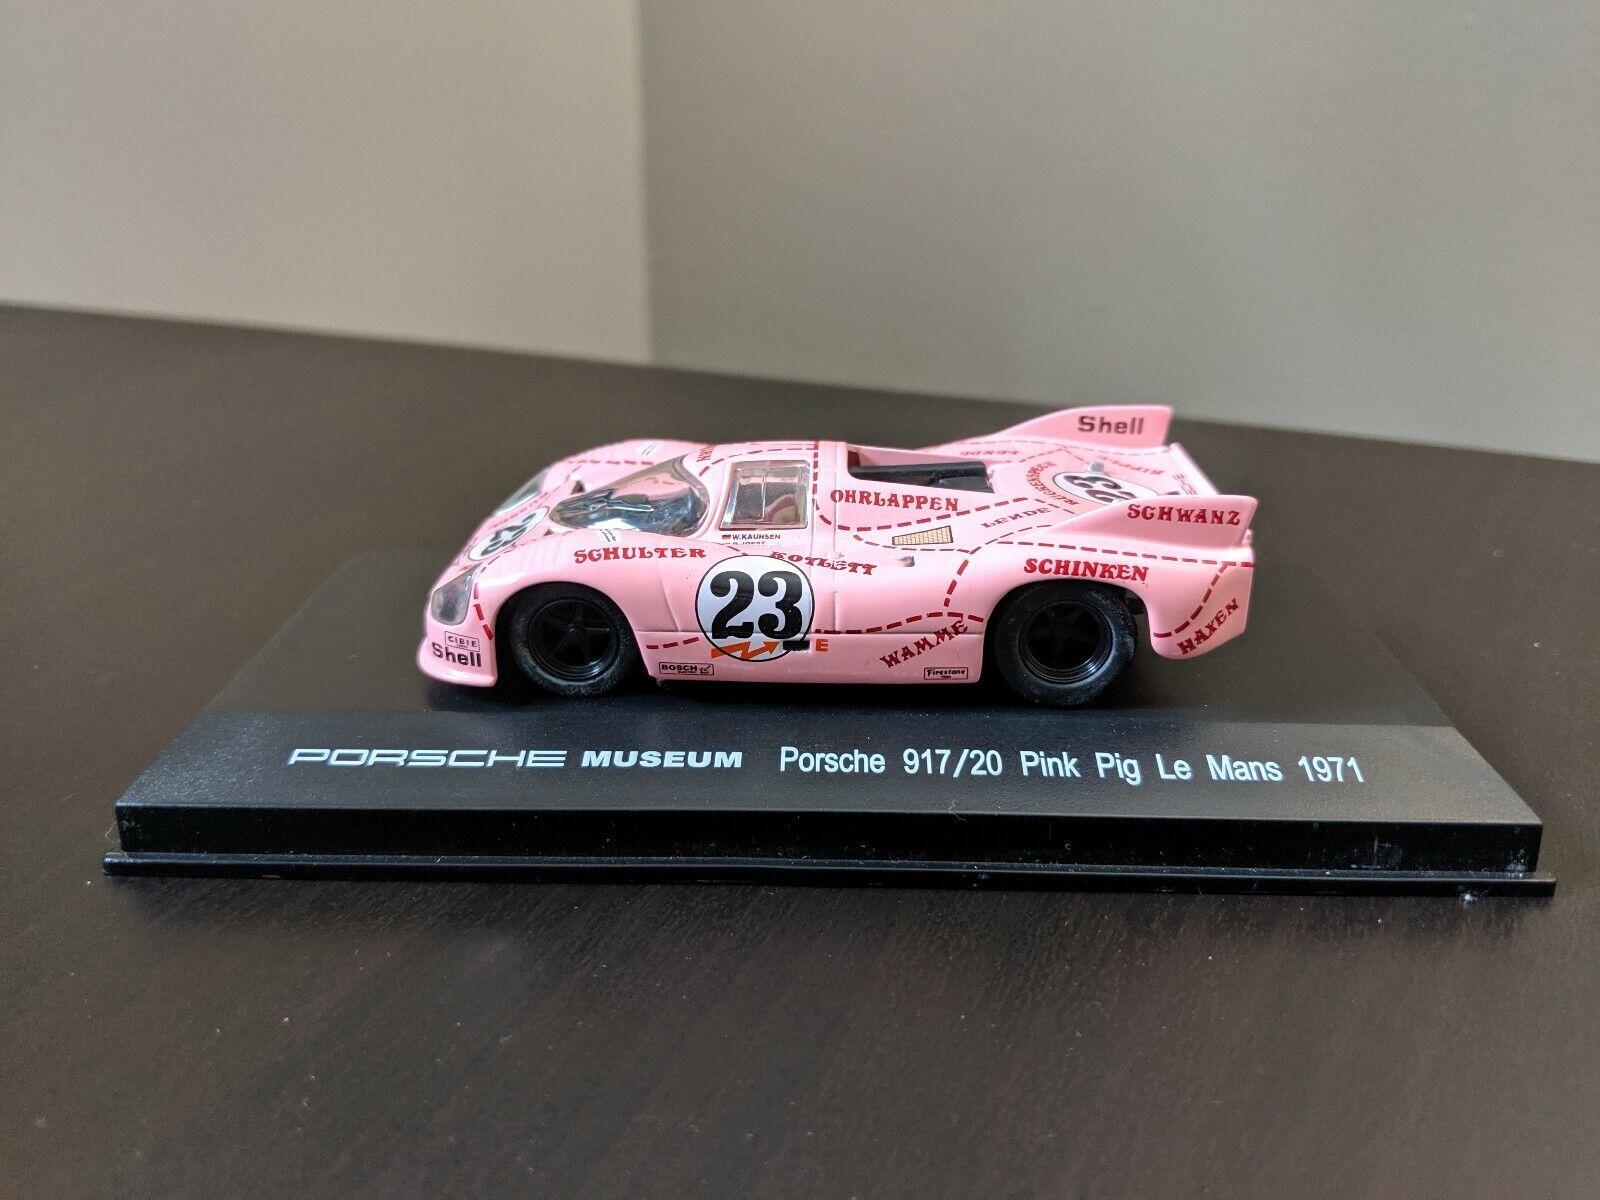 Porsche Museum Porsche 917 20 Pink Pig Le Mans 1971